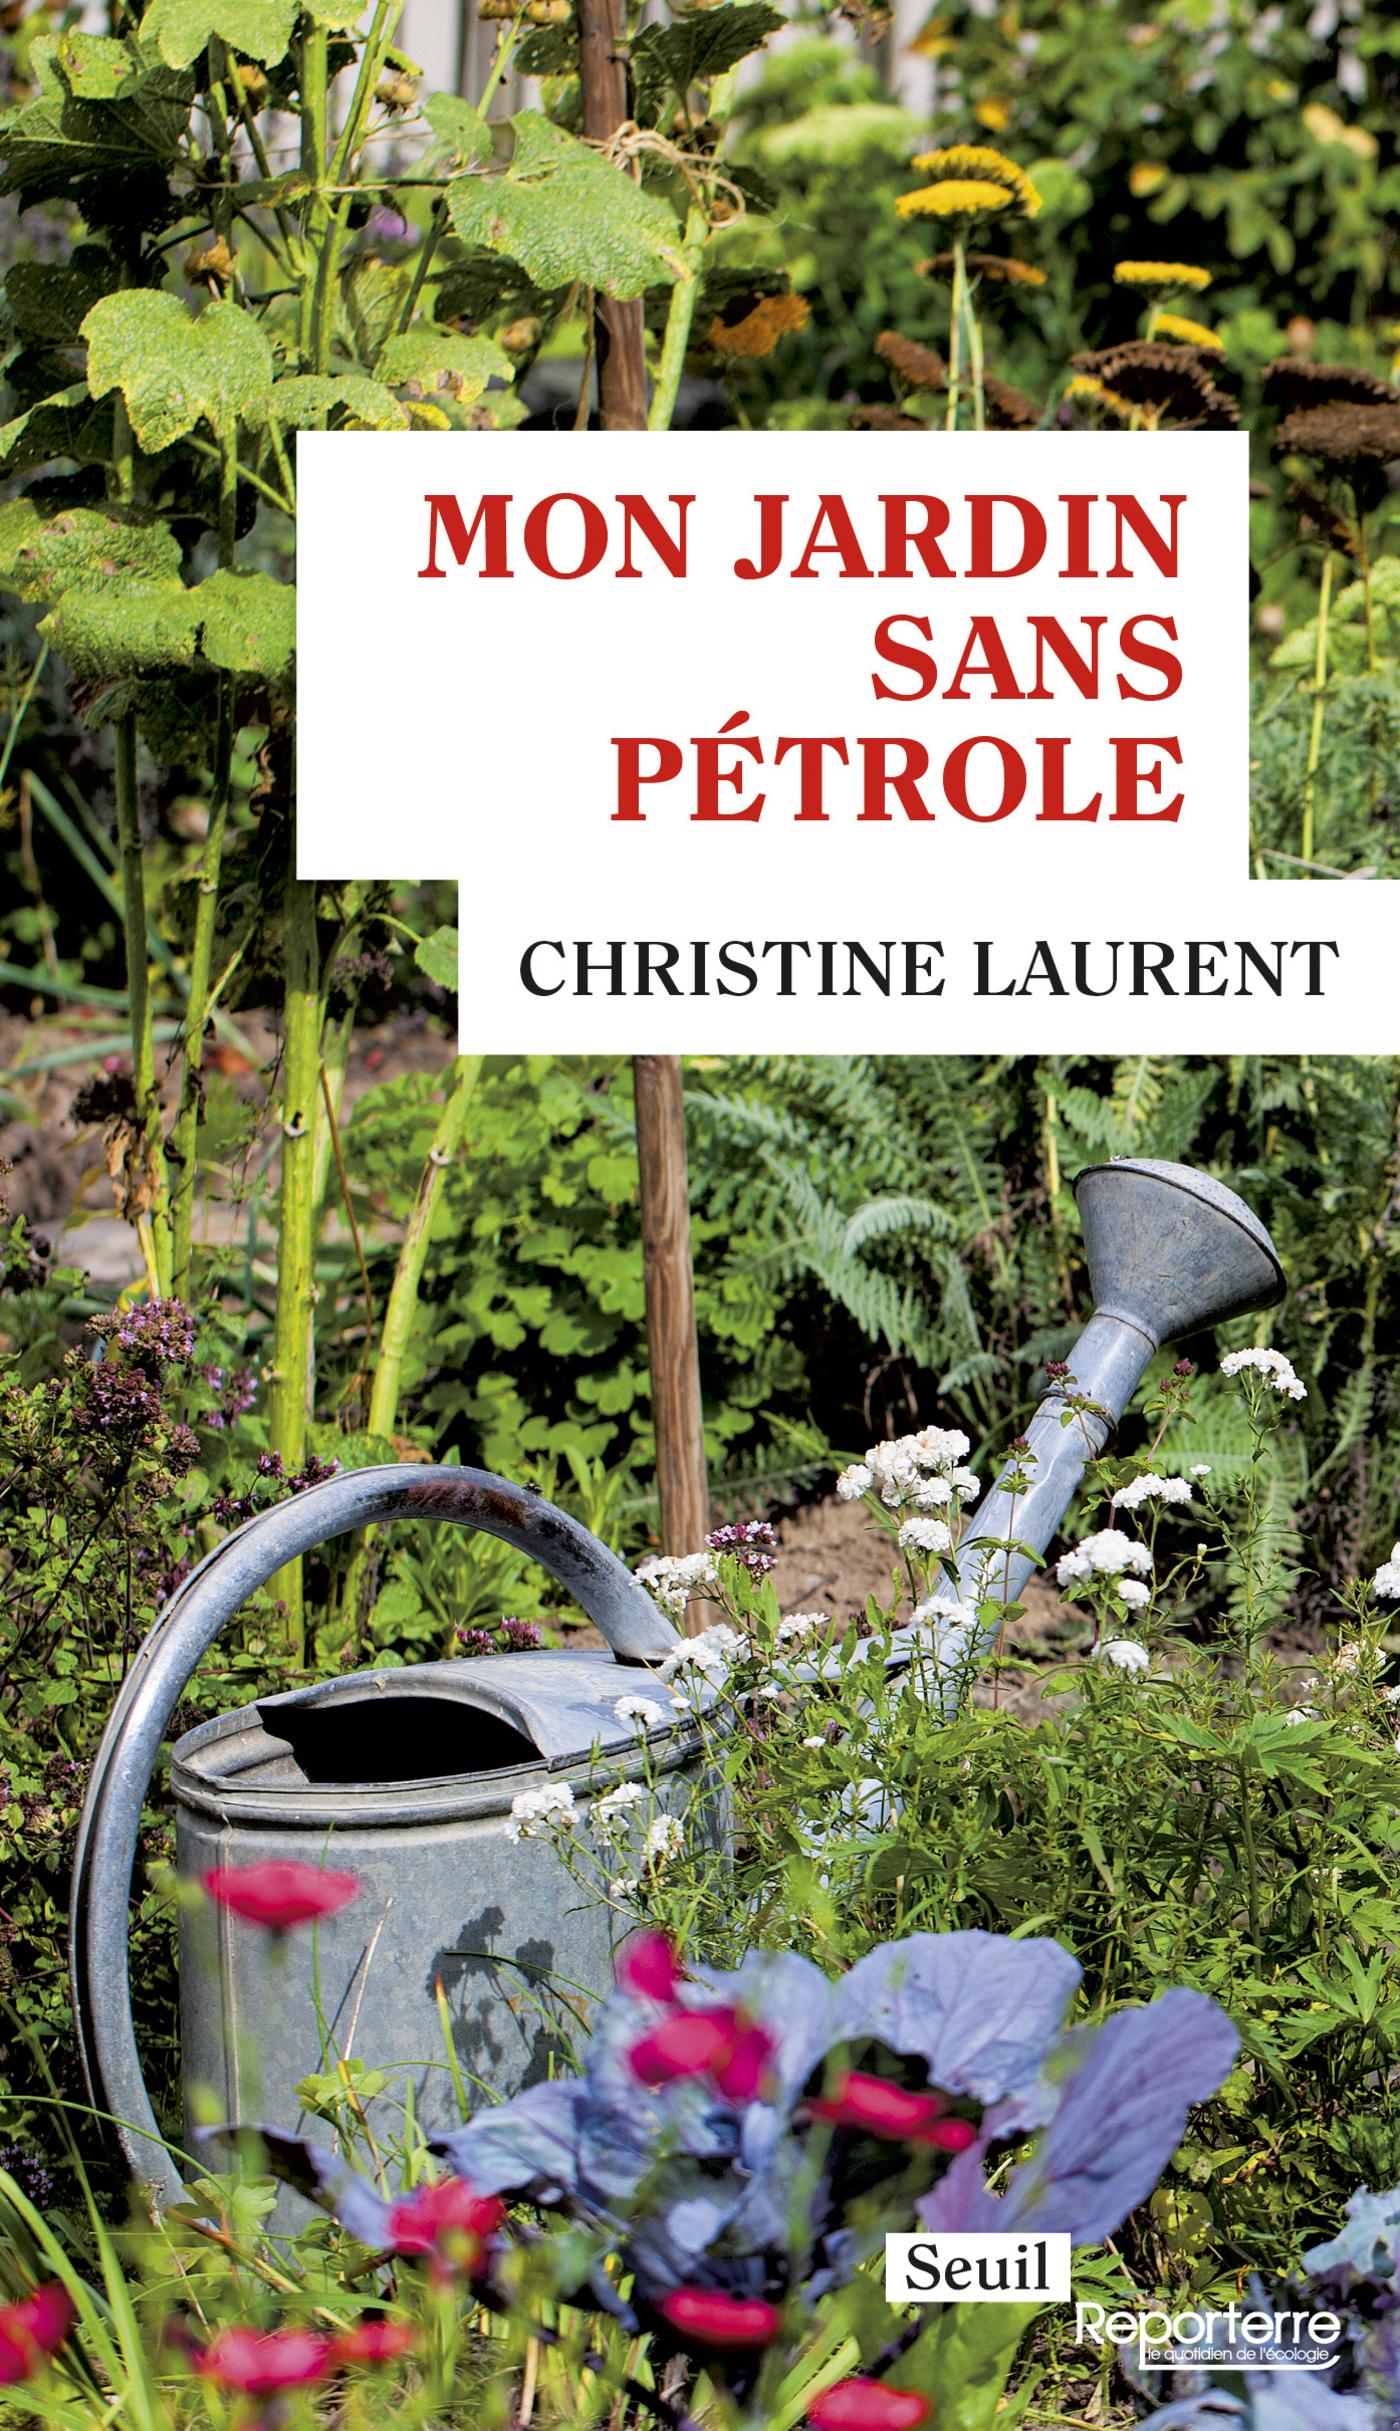 Mon Jardin sans pétrole